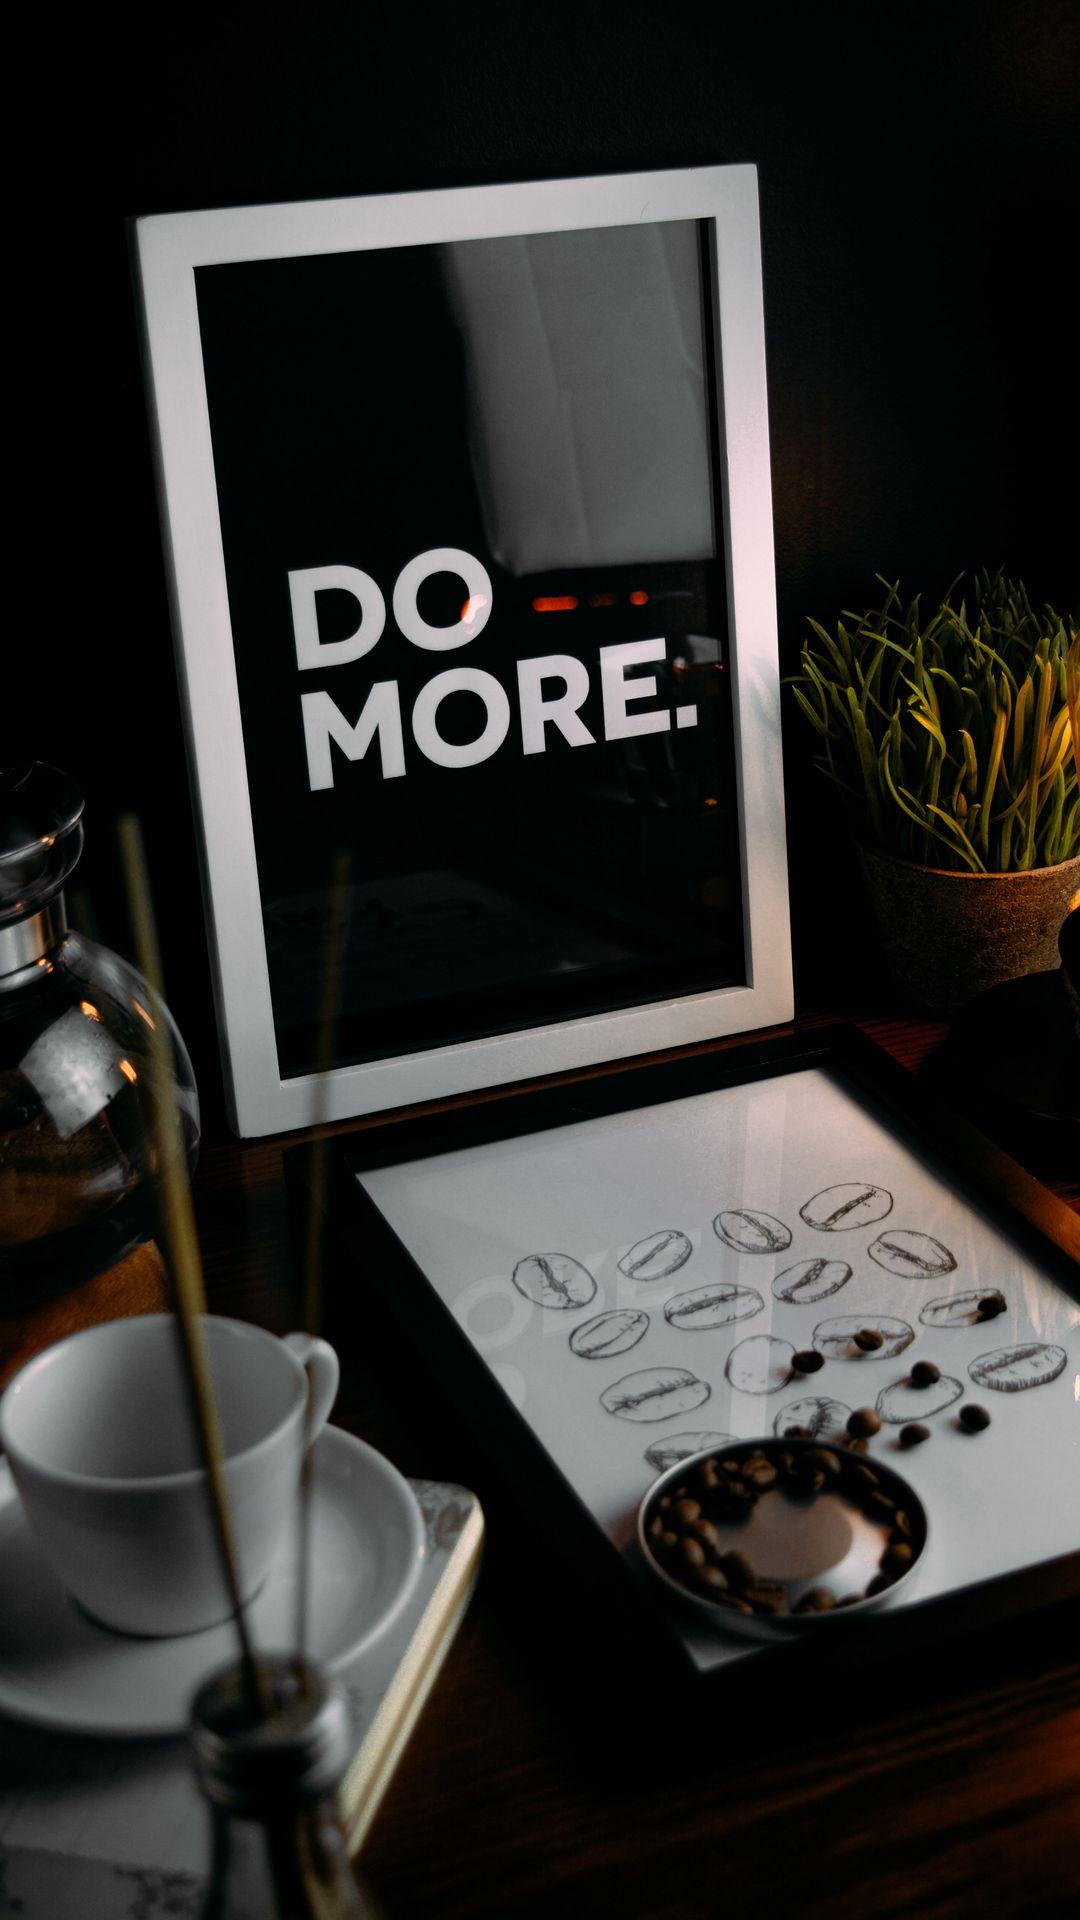 1080x1920 Обои мотивация, фраза, слова, текст, рамка, кофейные зерна